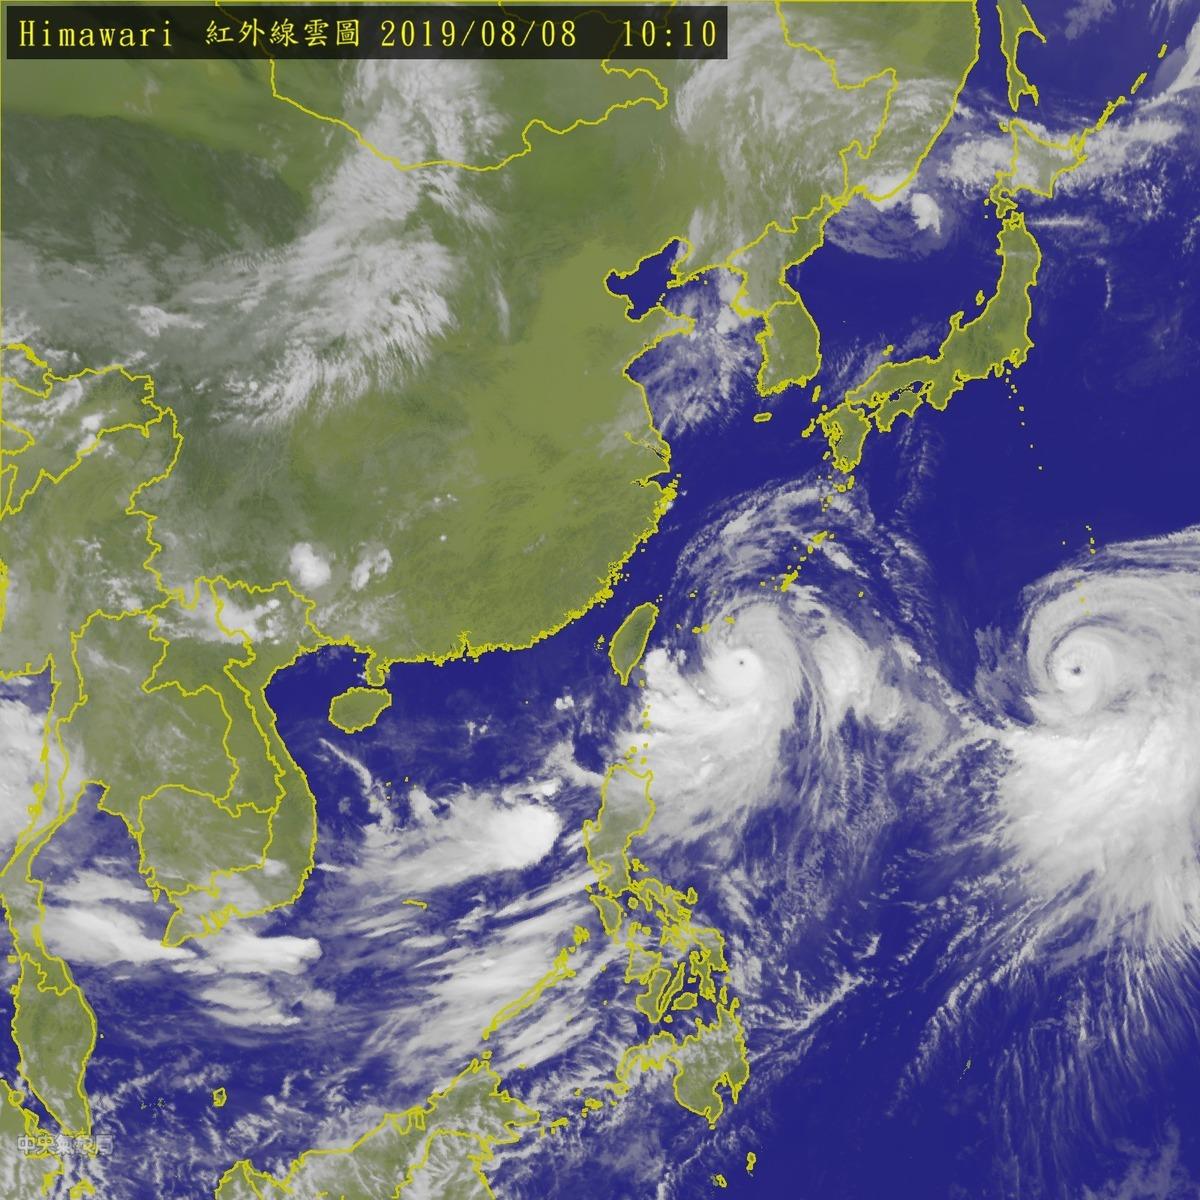 まだまだ風が強い_f0210164_11353070.jpg